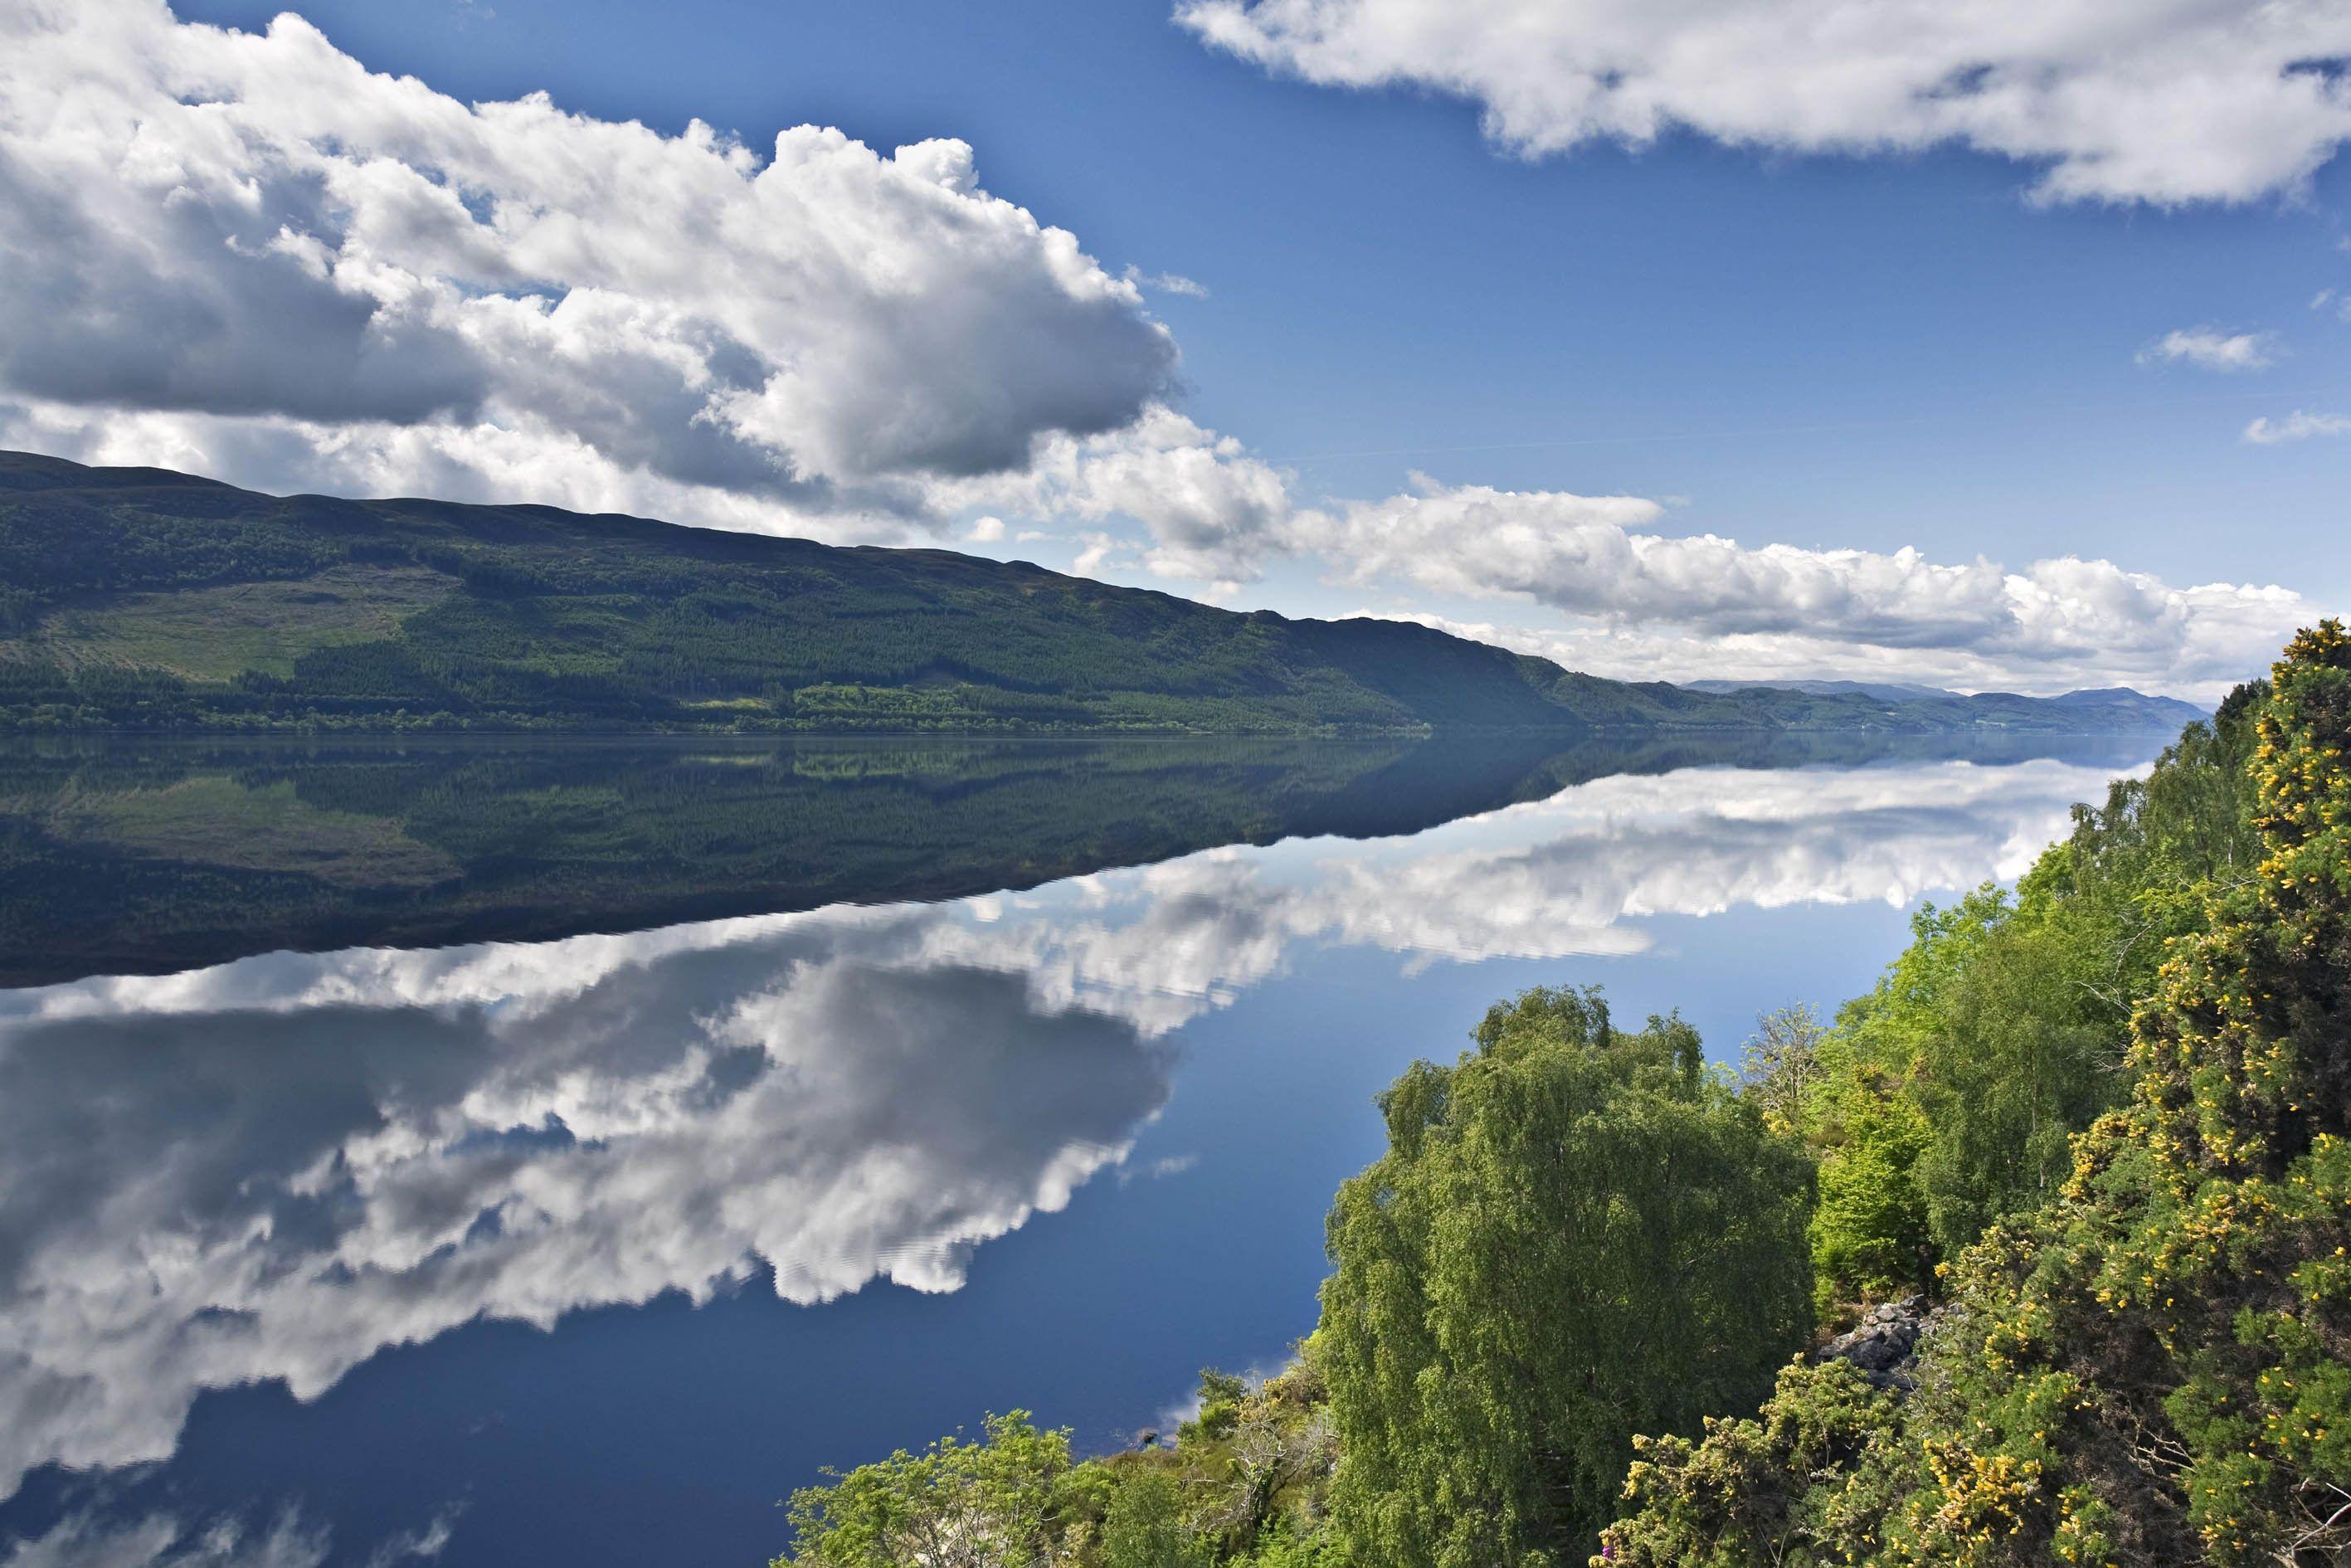 Visita guiada de 1 día al Lago Ness con almuerzo